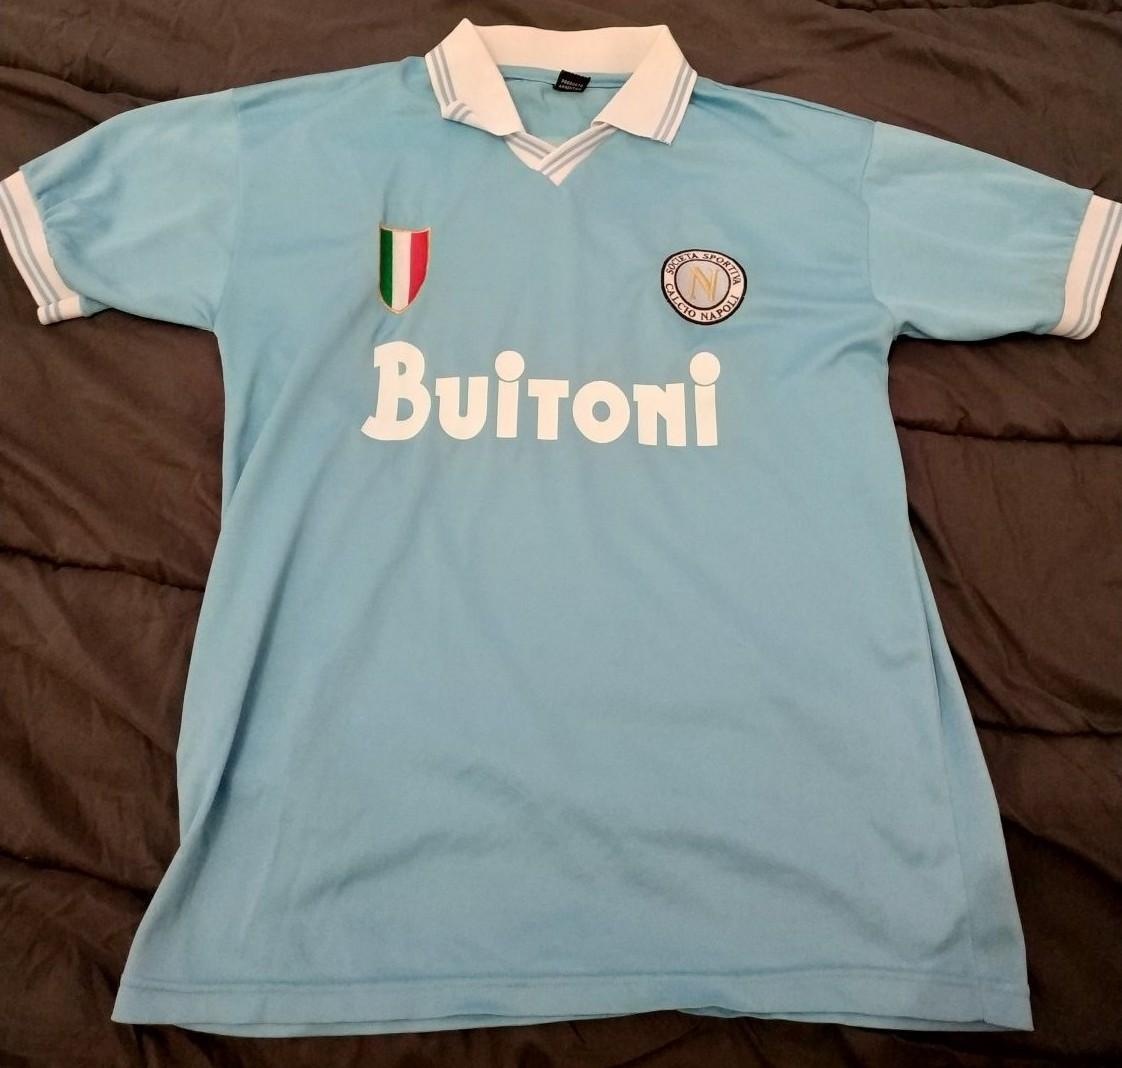 Napoli Home maglia di calcio 1986 - 1987. Sponsored by Buitoni